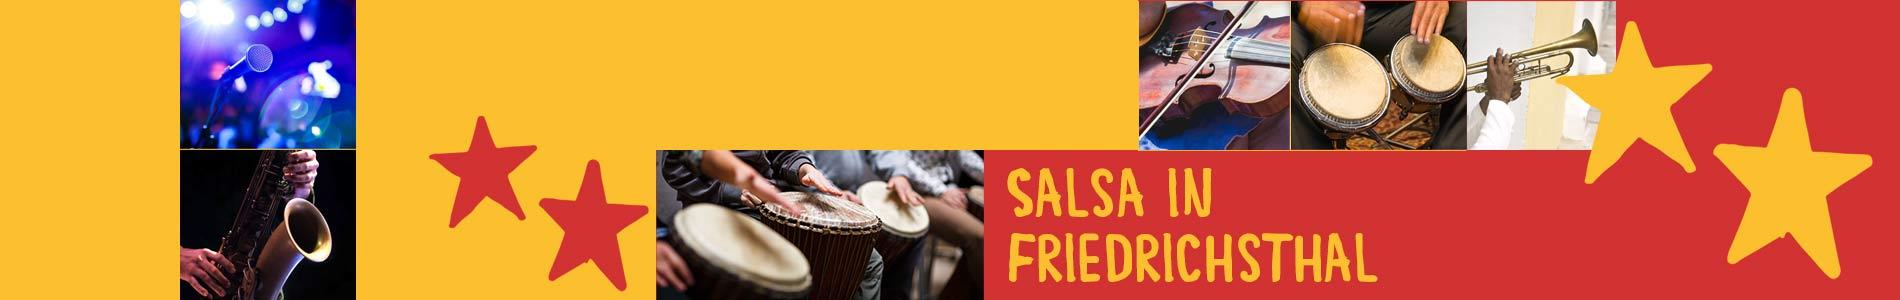 Salsa in Friedrichsthal – Salsa lernen und tanzen, Tanzkurse, Partys, Veranstaltungen